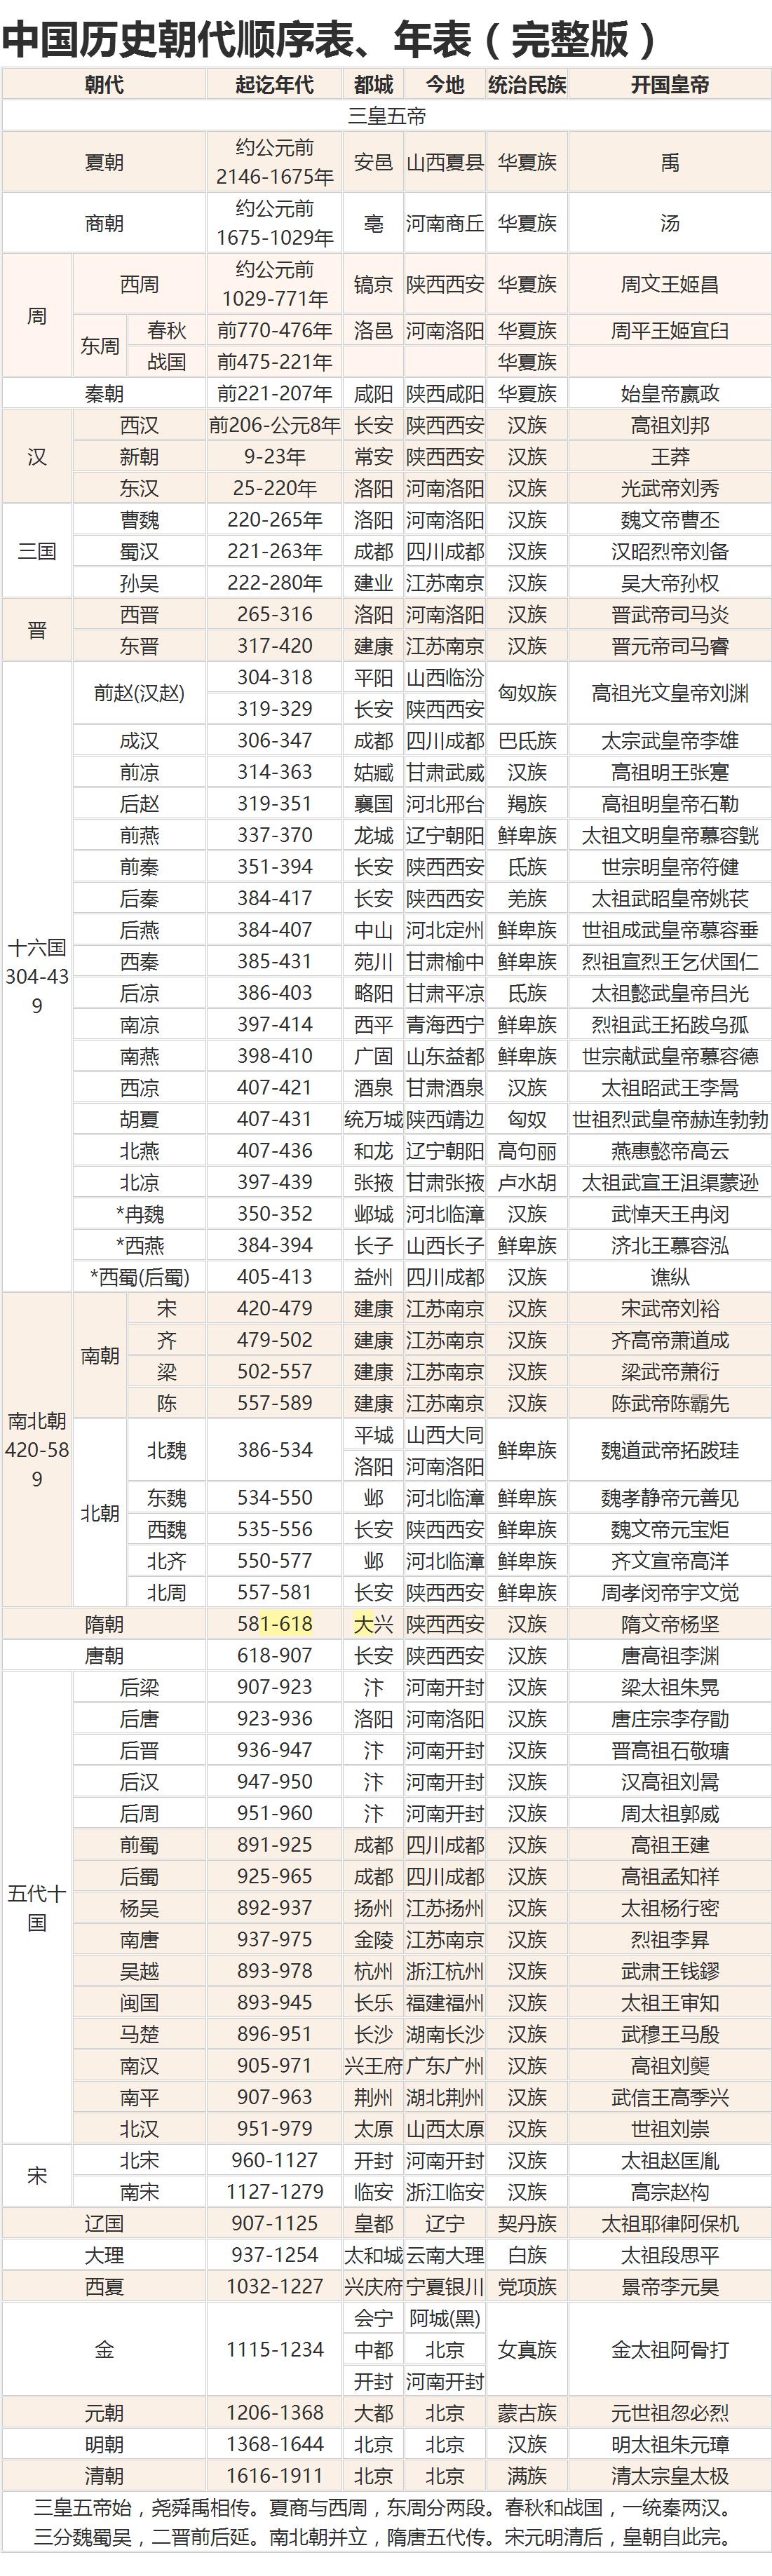 20190526-中国历史朝代顺序表、年表(完整版).jpeg